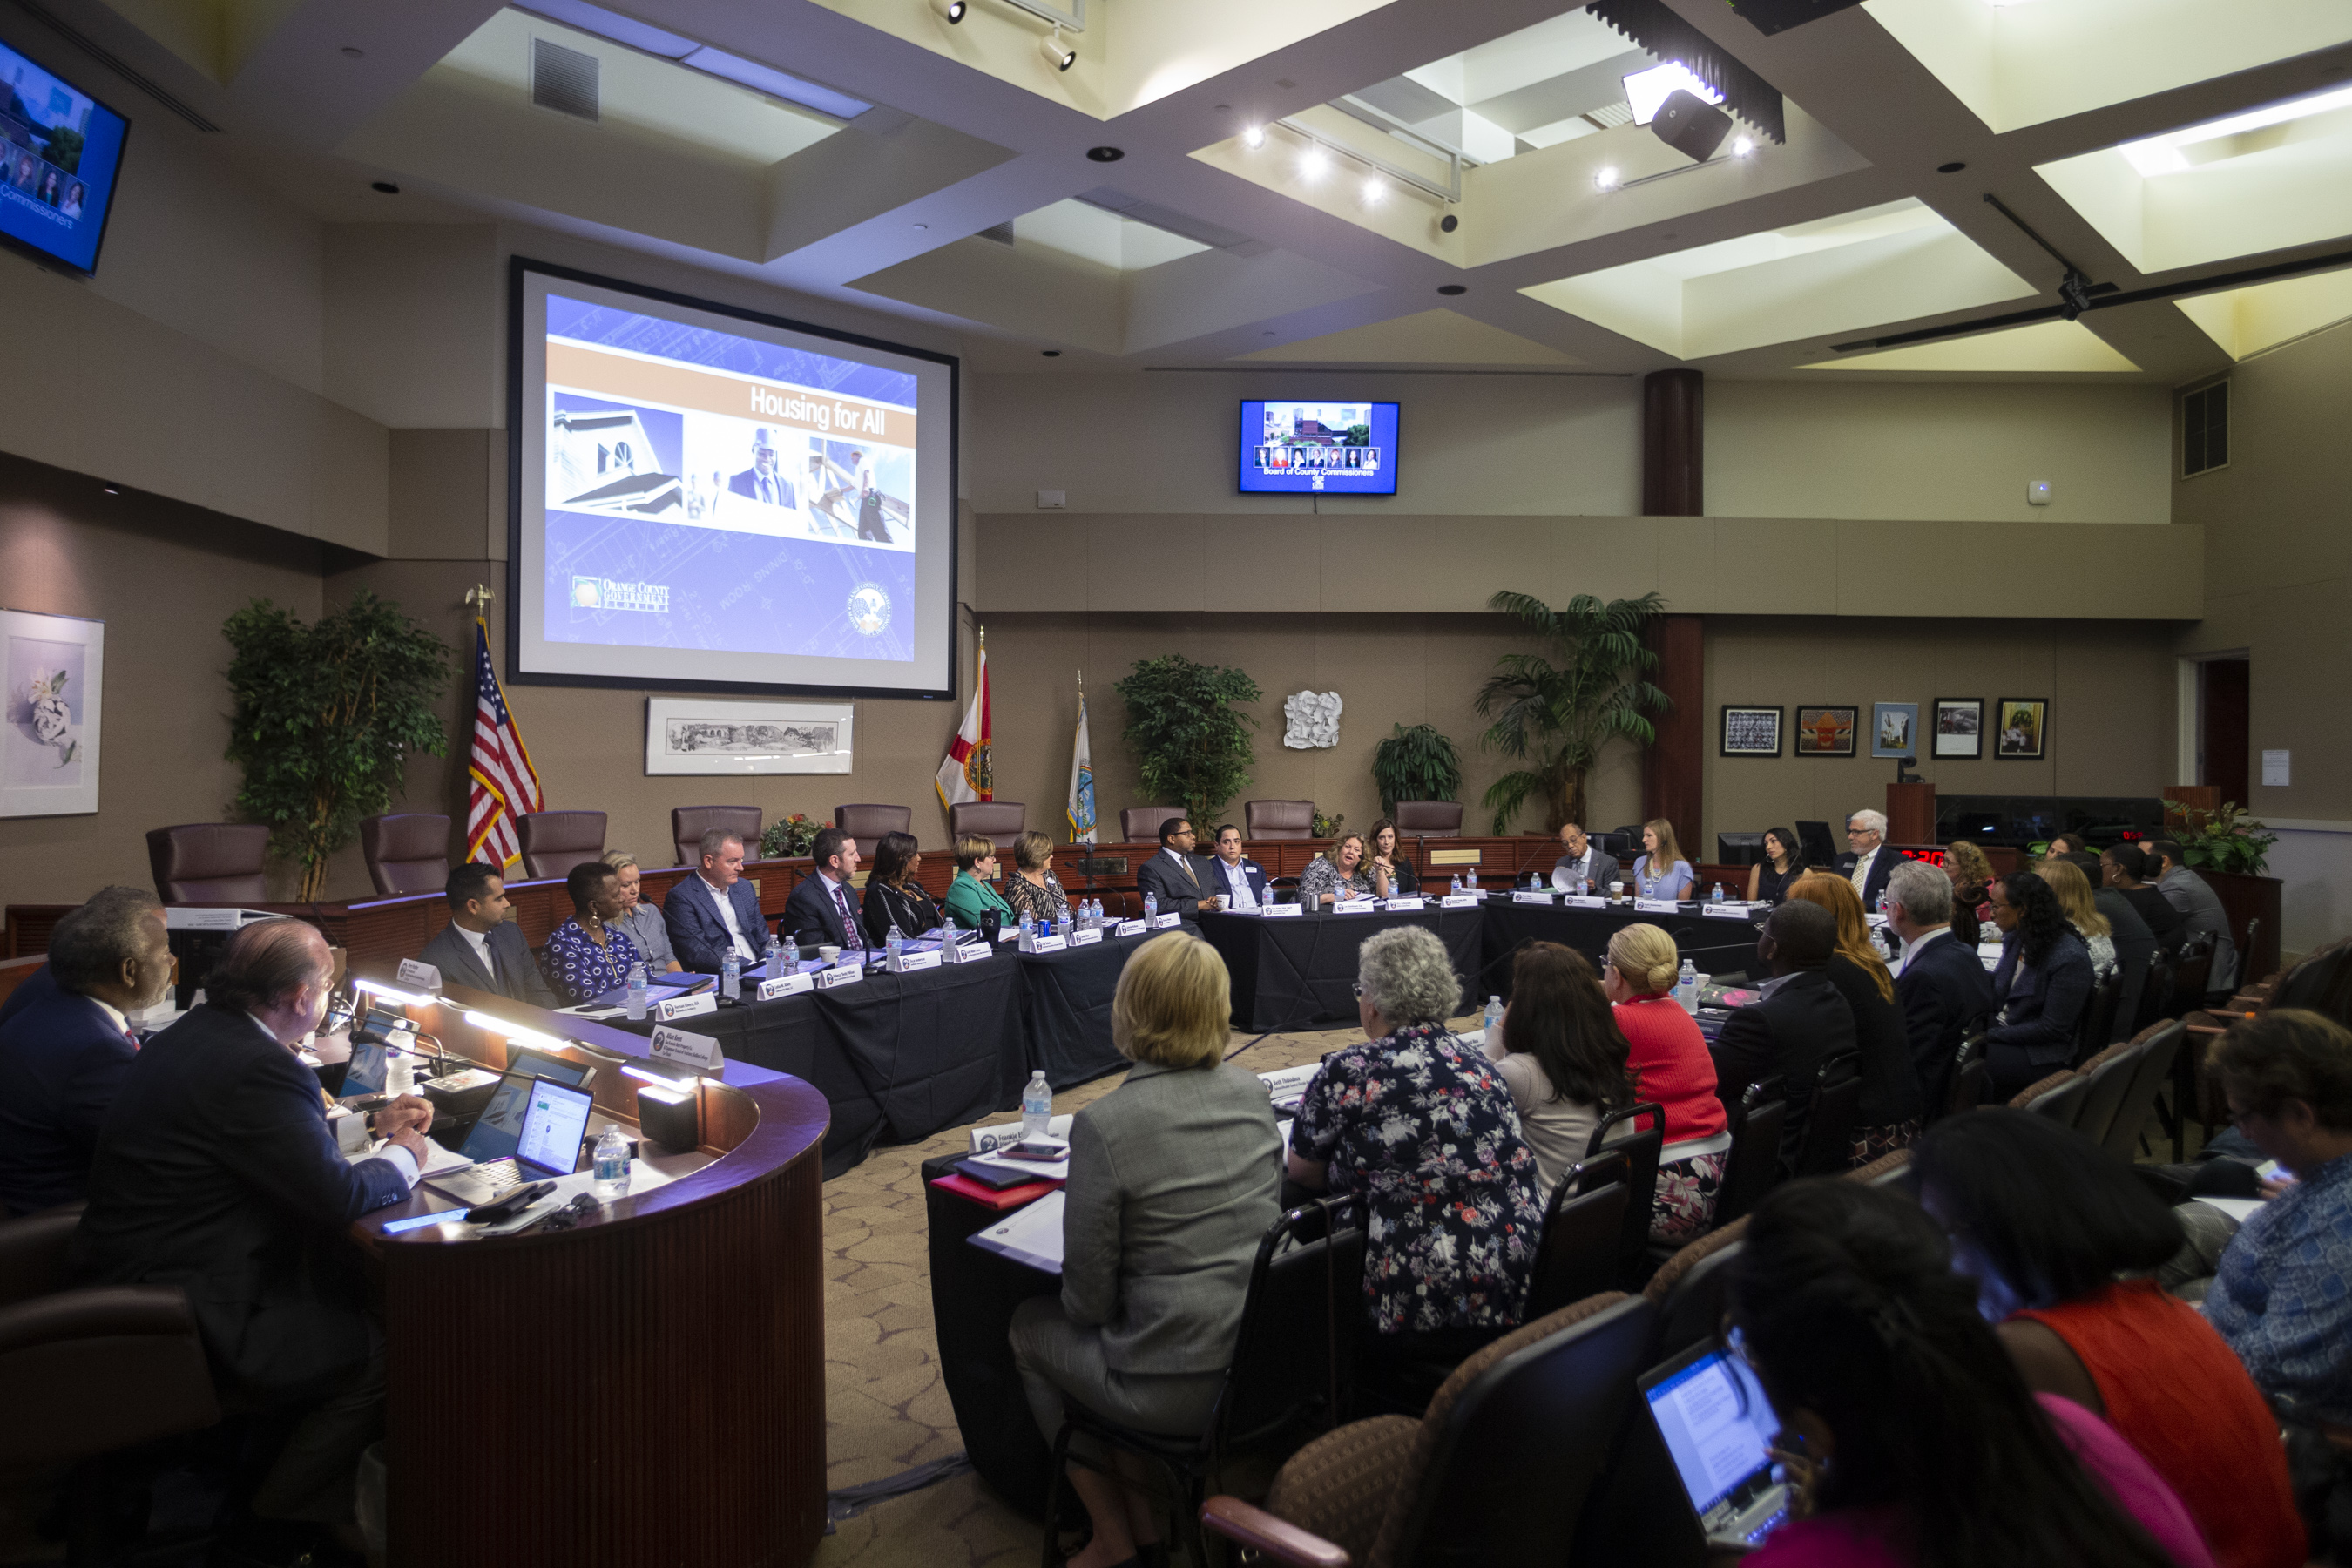 En el interior de las Cámaras de la Junta de Comisionados del Condado, completamente iluminado, los miembros delEquipo de Trabajo de Viviendas para Todos permanecen sentados frente al estrado con mesas dispuestas en forma de óvalo mientras discuten los temas de la agenda. Las personas del publico están sentadas en el sector destinado para la audiencia.